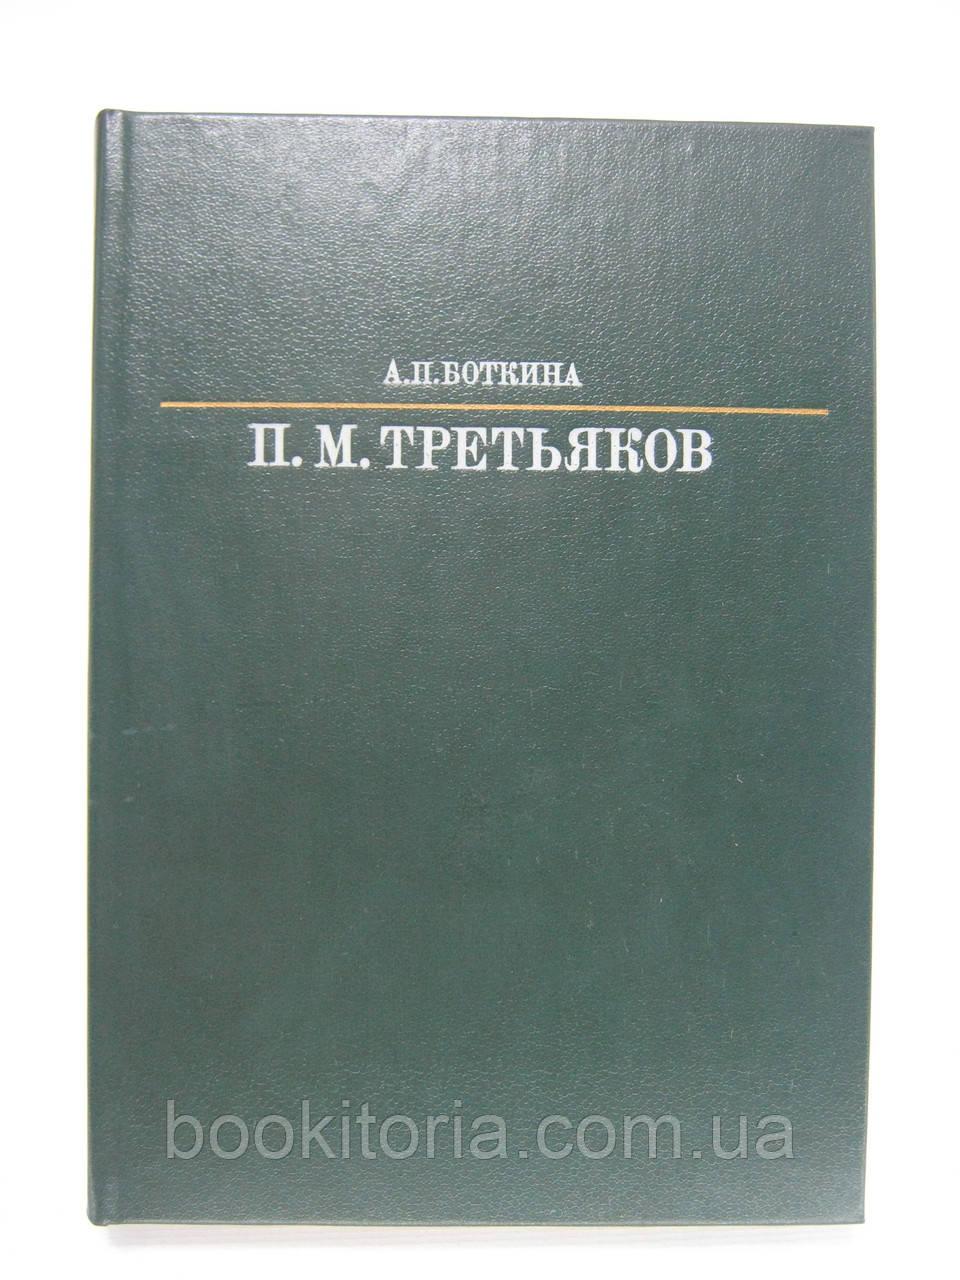 Боткина А.П. П.М. Третьяков (б/у).